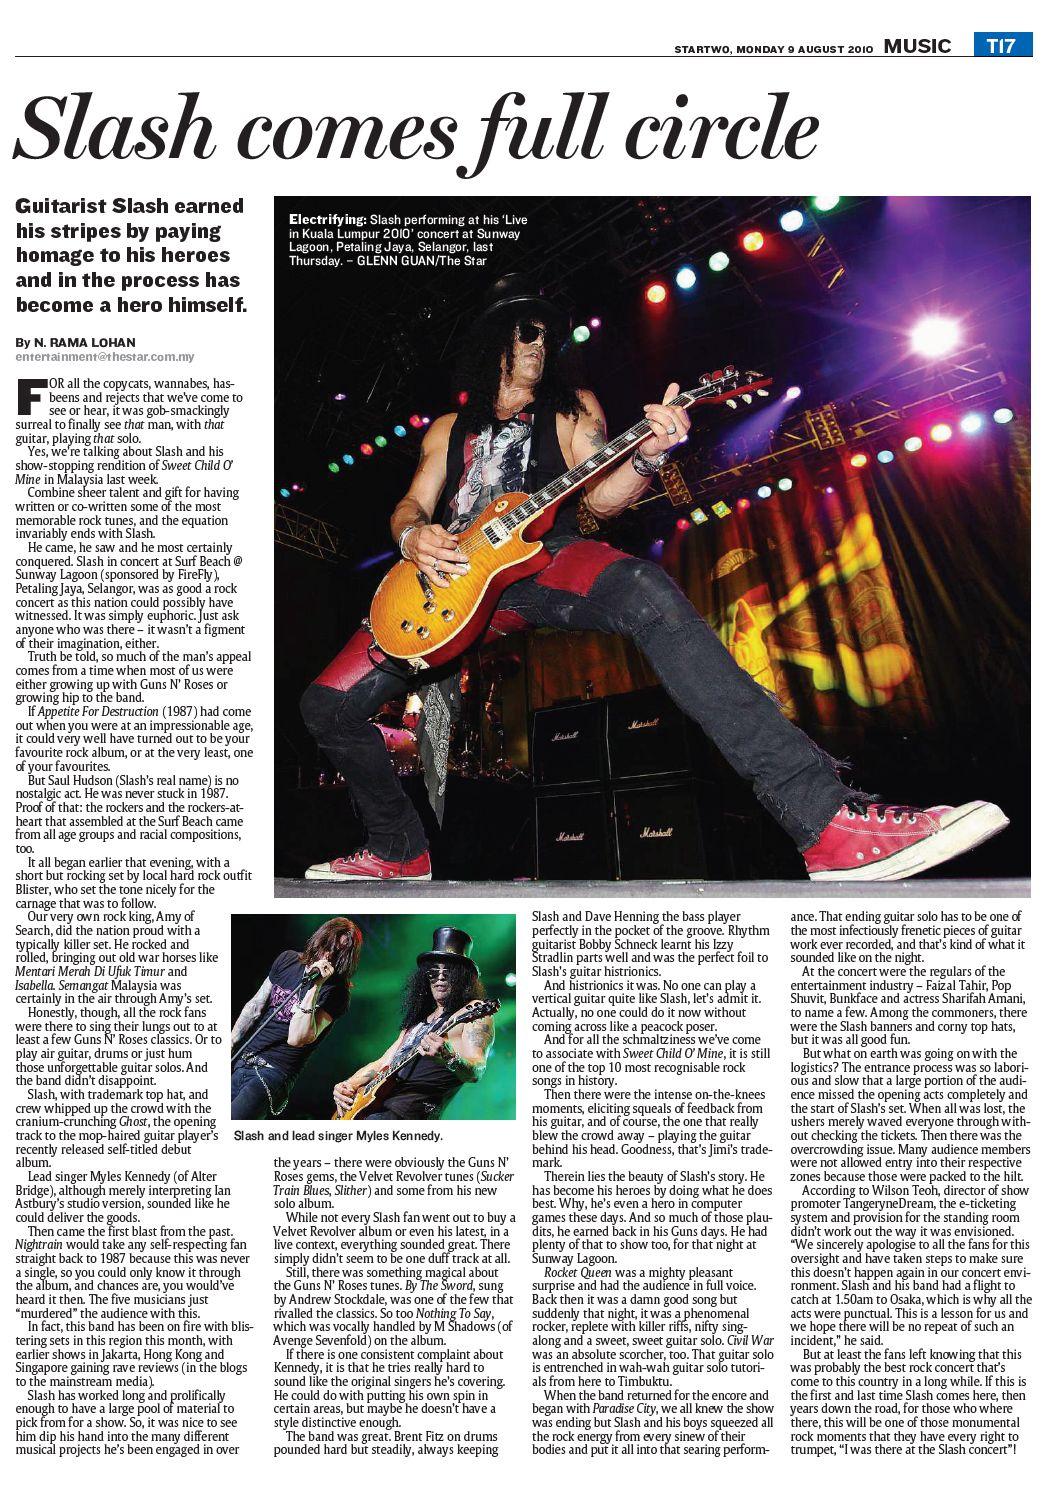 slash concert review